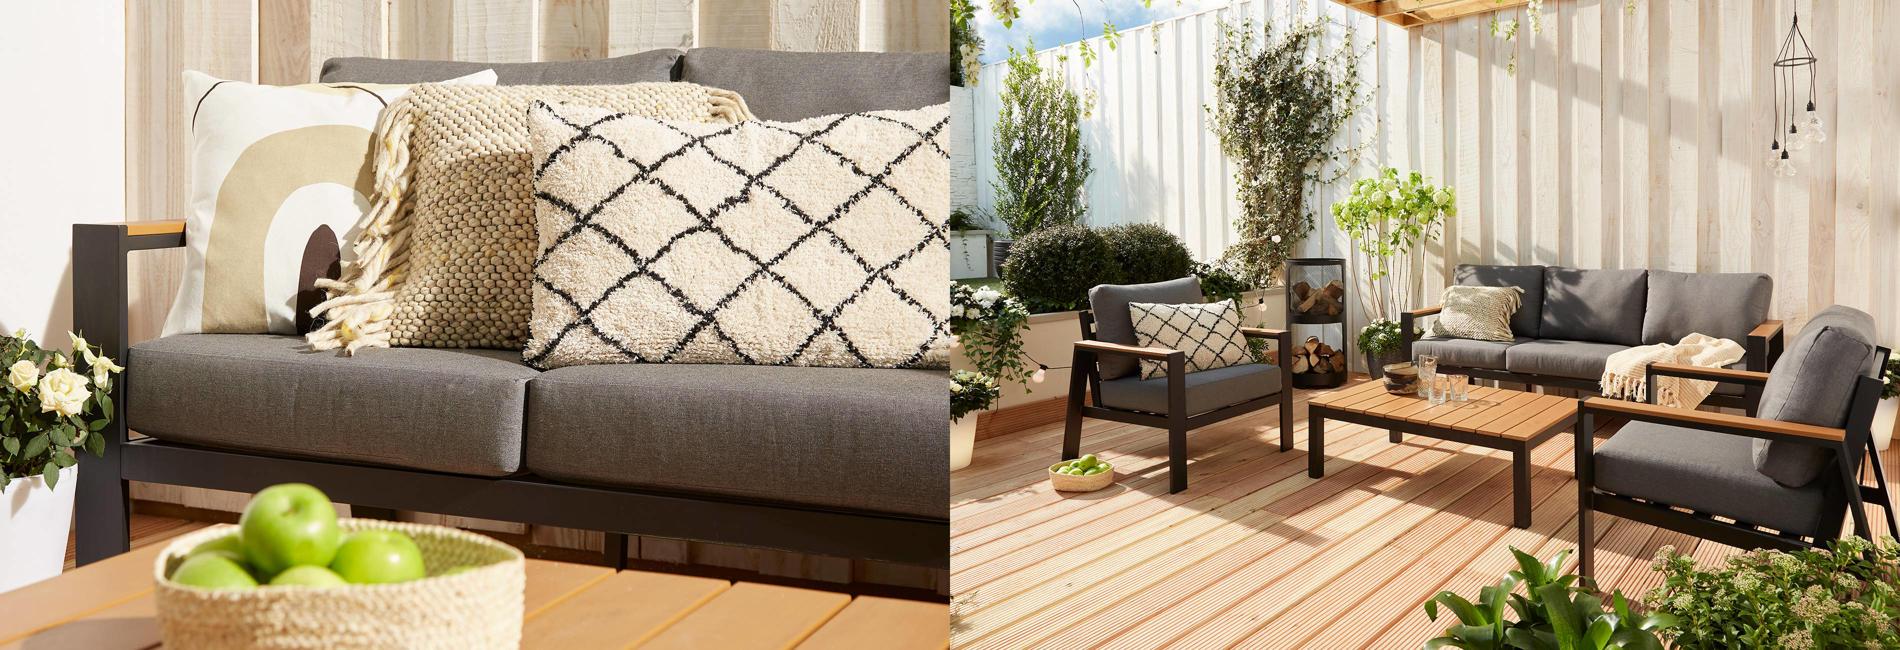 Homepage: Home & garden - woonmaand week 15 2021